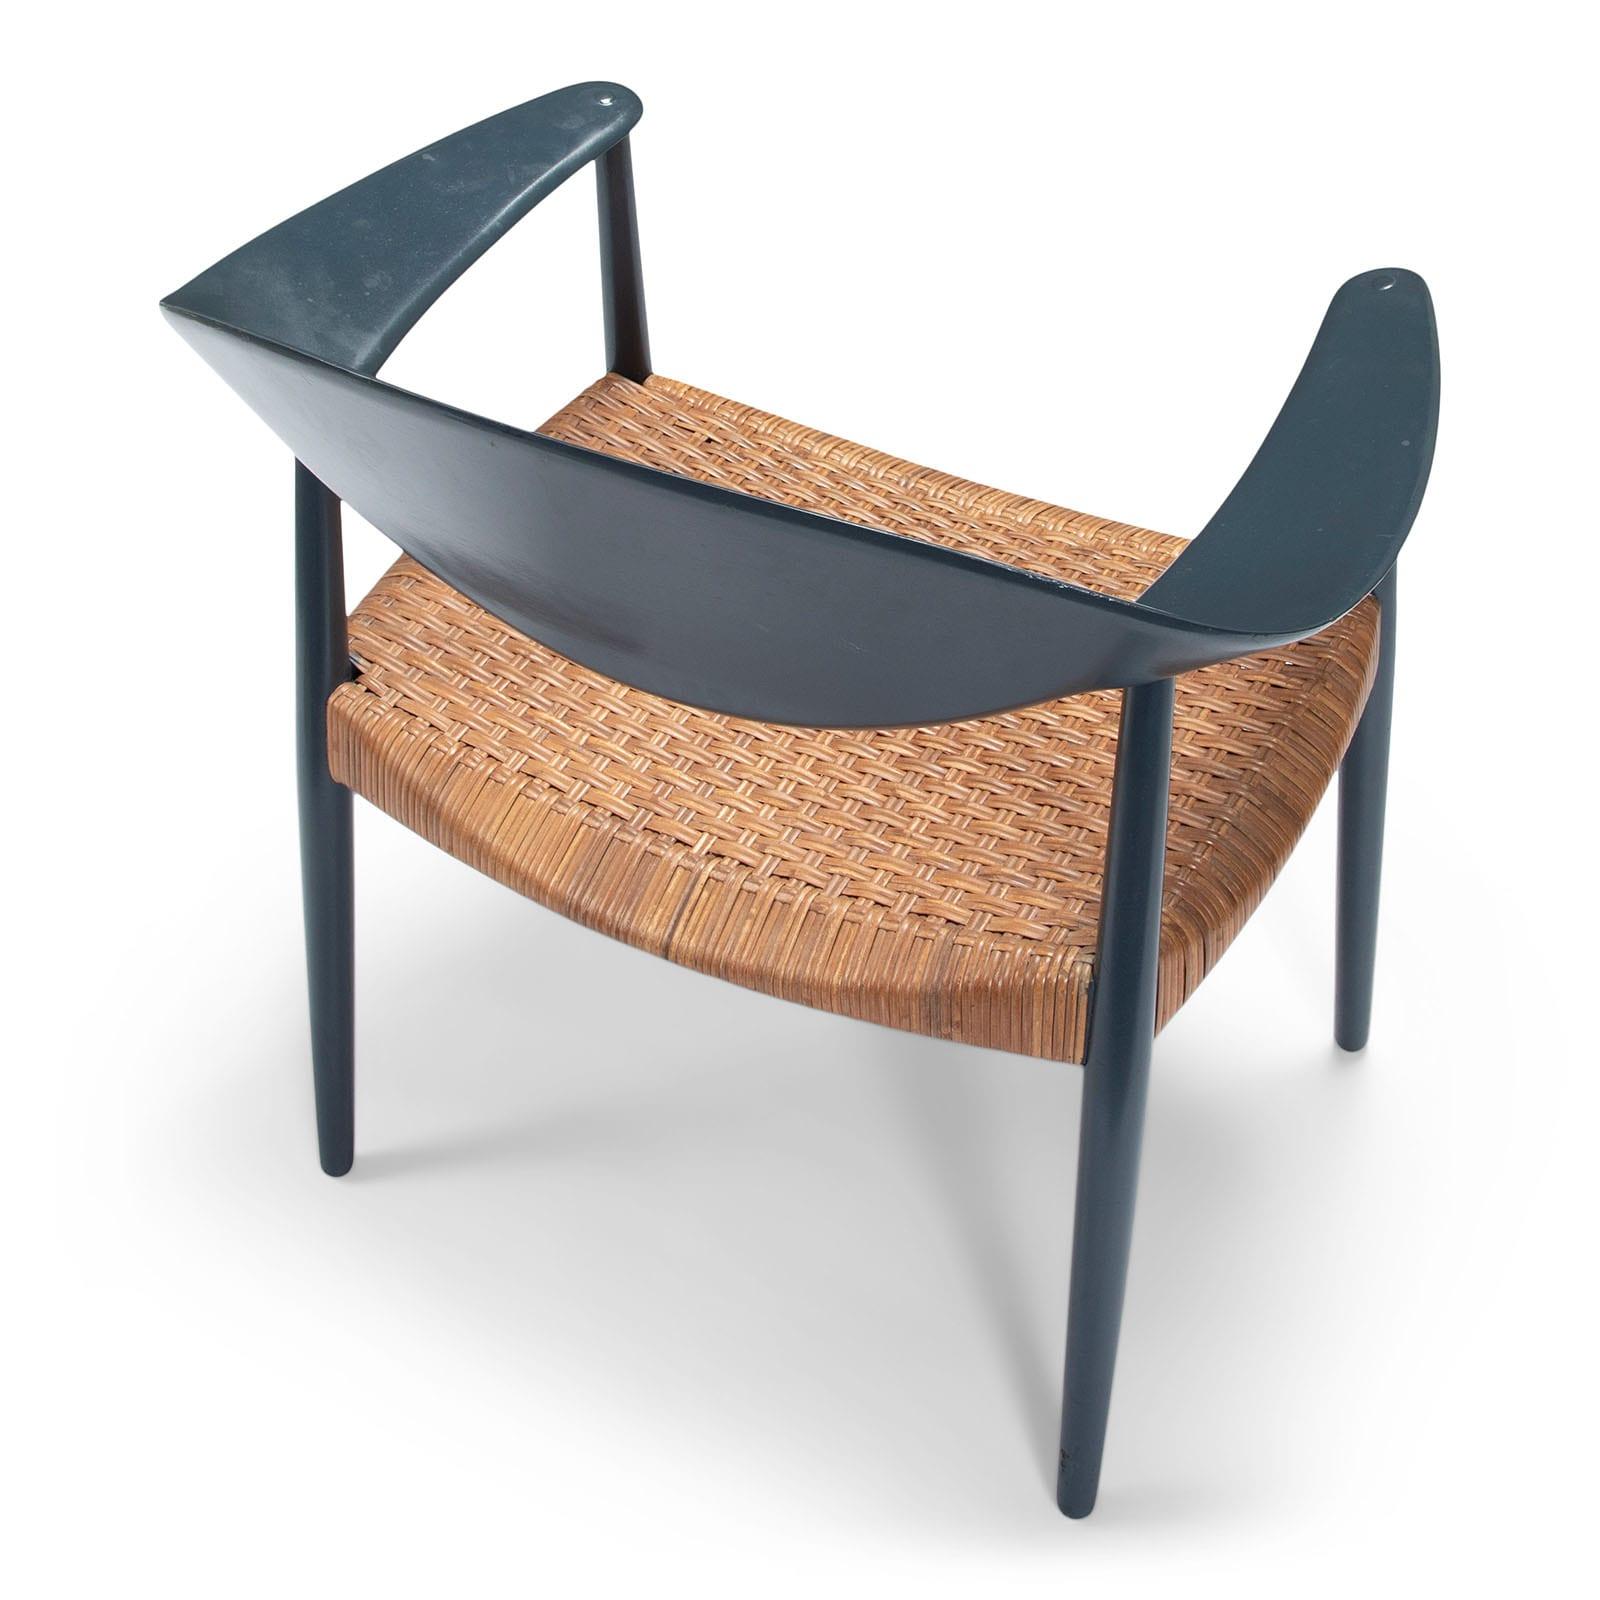 A pair of 'Metropolitan' chairs